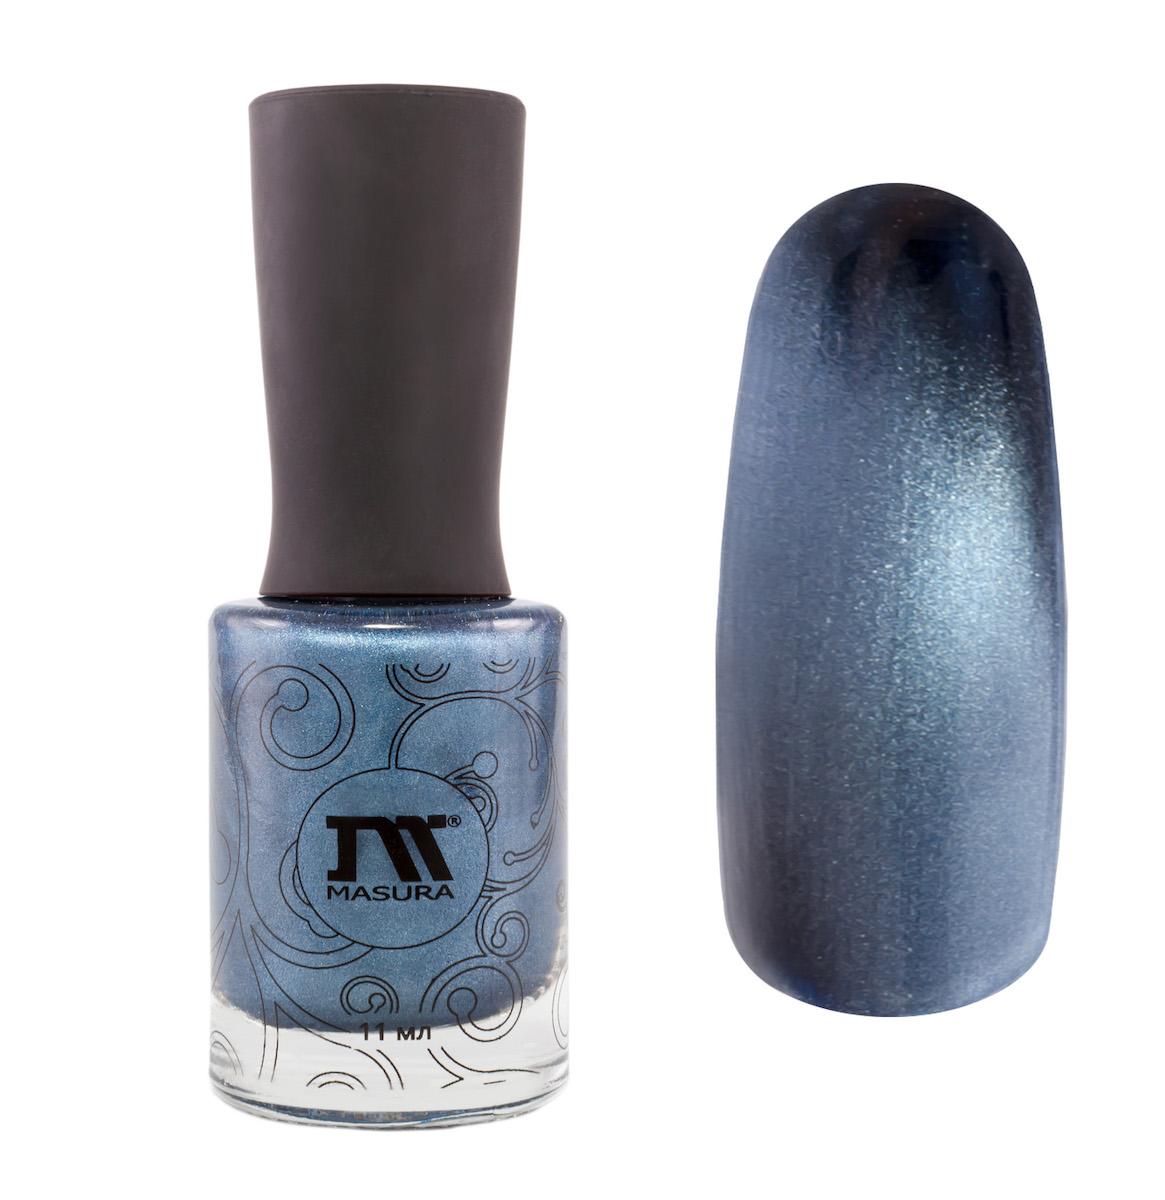 Masura Лак для ногтей Лазурит счастья, 11 мл904-114насыщенный синий